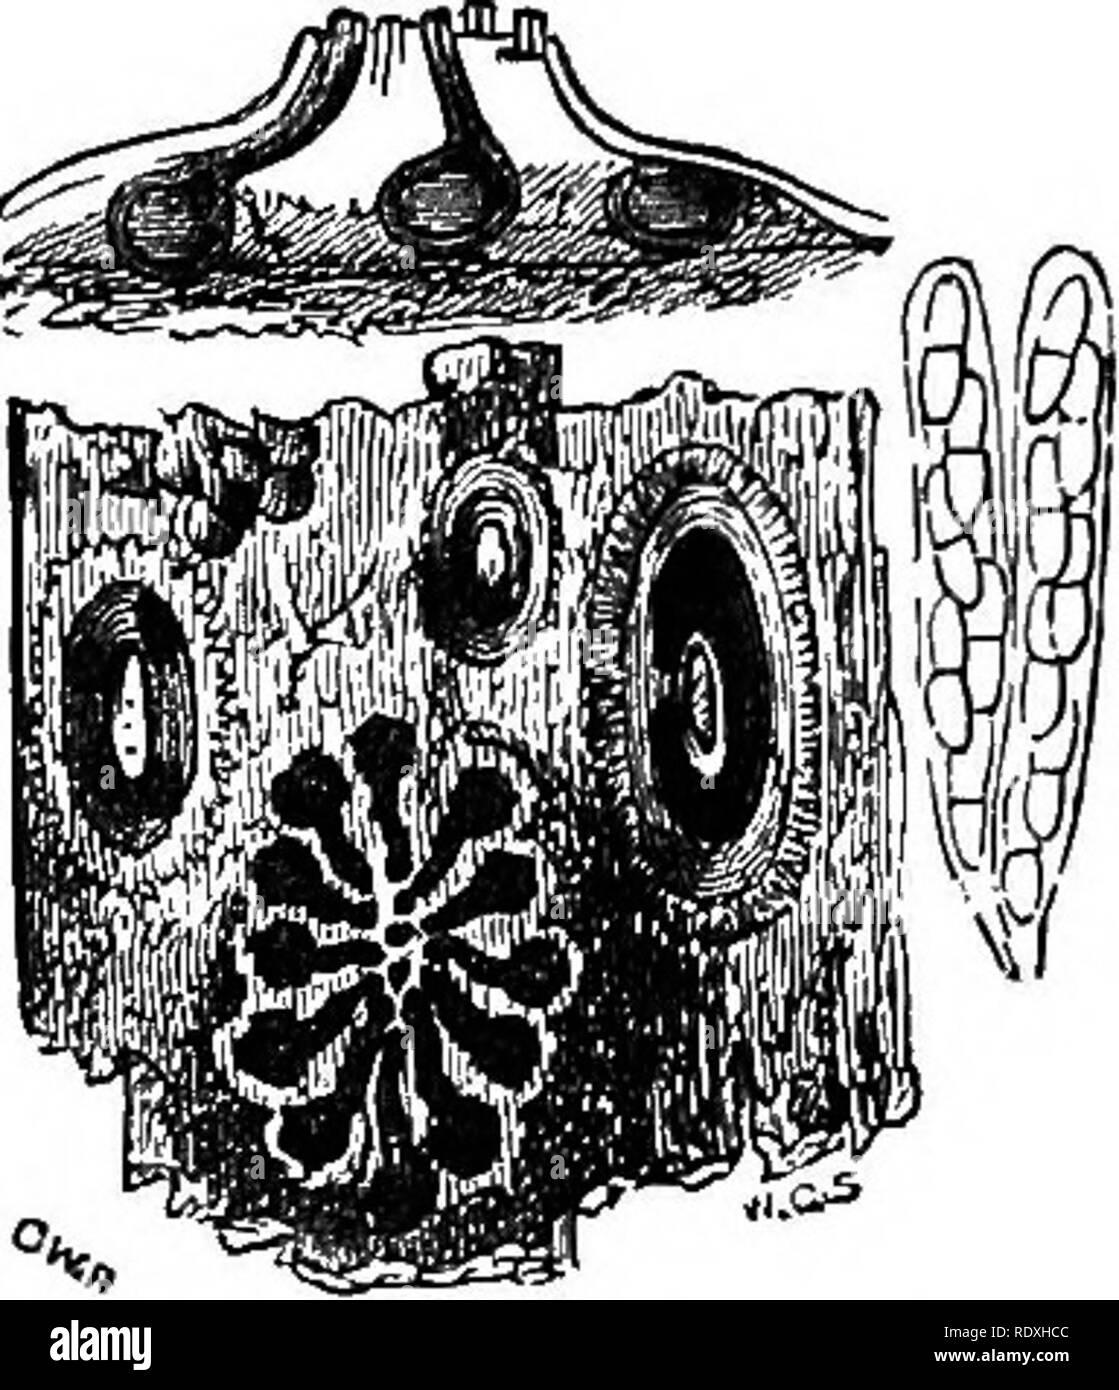 . Introduzione allo studio dei funghi; loro organography, la classificazione e la distribuzione, per l'uso di collettori. Funghi. DICHOCARPISM 67 la superficie del tubercolo, i destinatari da cui sfuggire per qualche tempo onde o di puro spermatia o di spermatia miscelato con stylospores. Entrambi sono di forma ovoidale, ma il spermatia sono incolore e molto più piccolo del stylospores, che sono di colore nero come le spore di un Melanconium. Queste due citazioni sono date a mostrare quello che abbiamo chiamato Dicho- carpism così come è stato presentato alla vista di chi ha realizzato molto a dimostrazione del fatto che Foto Stock